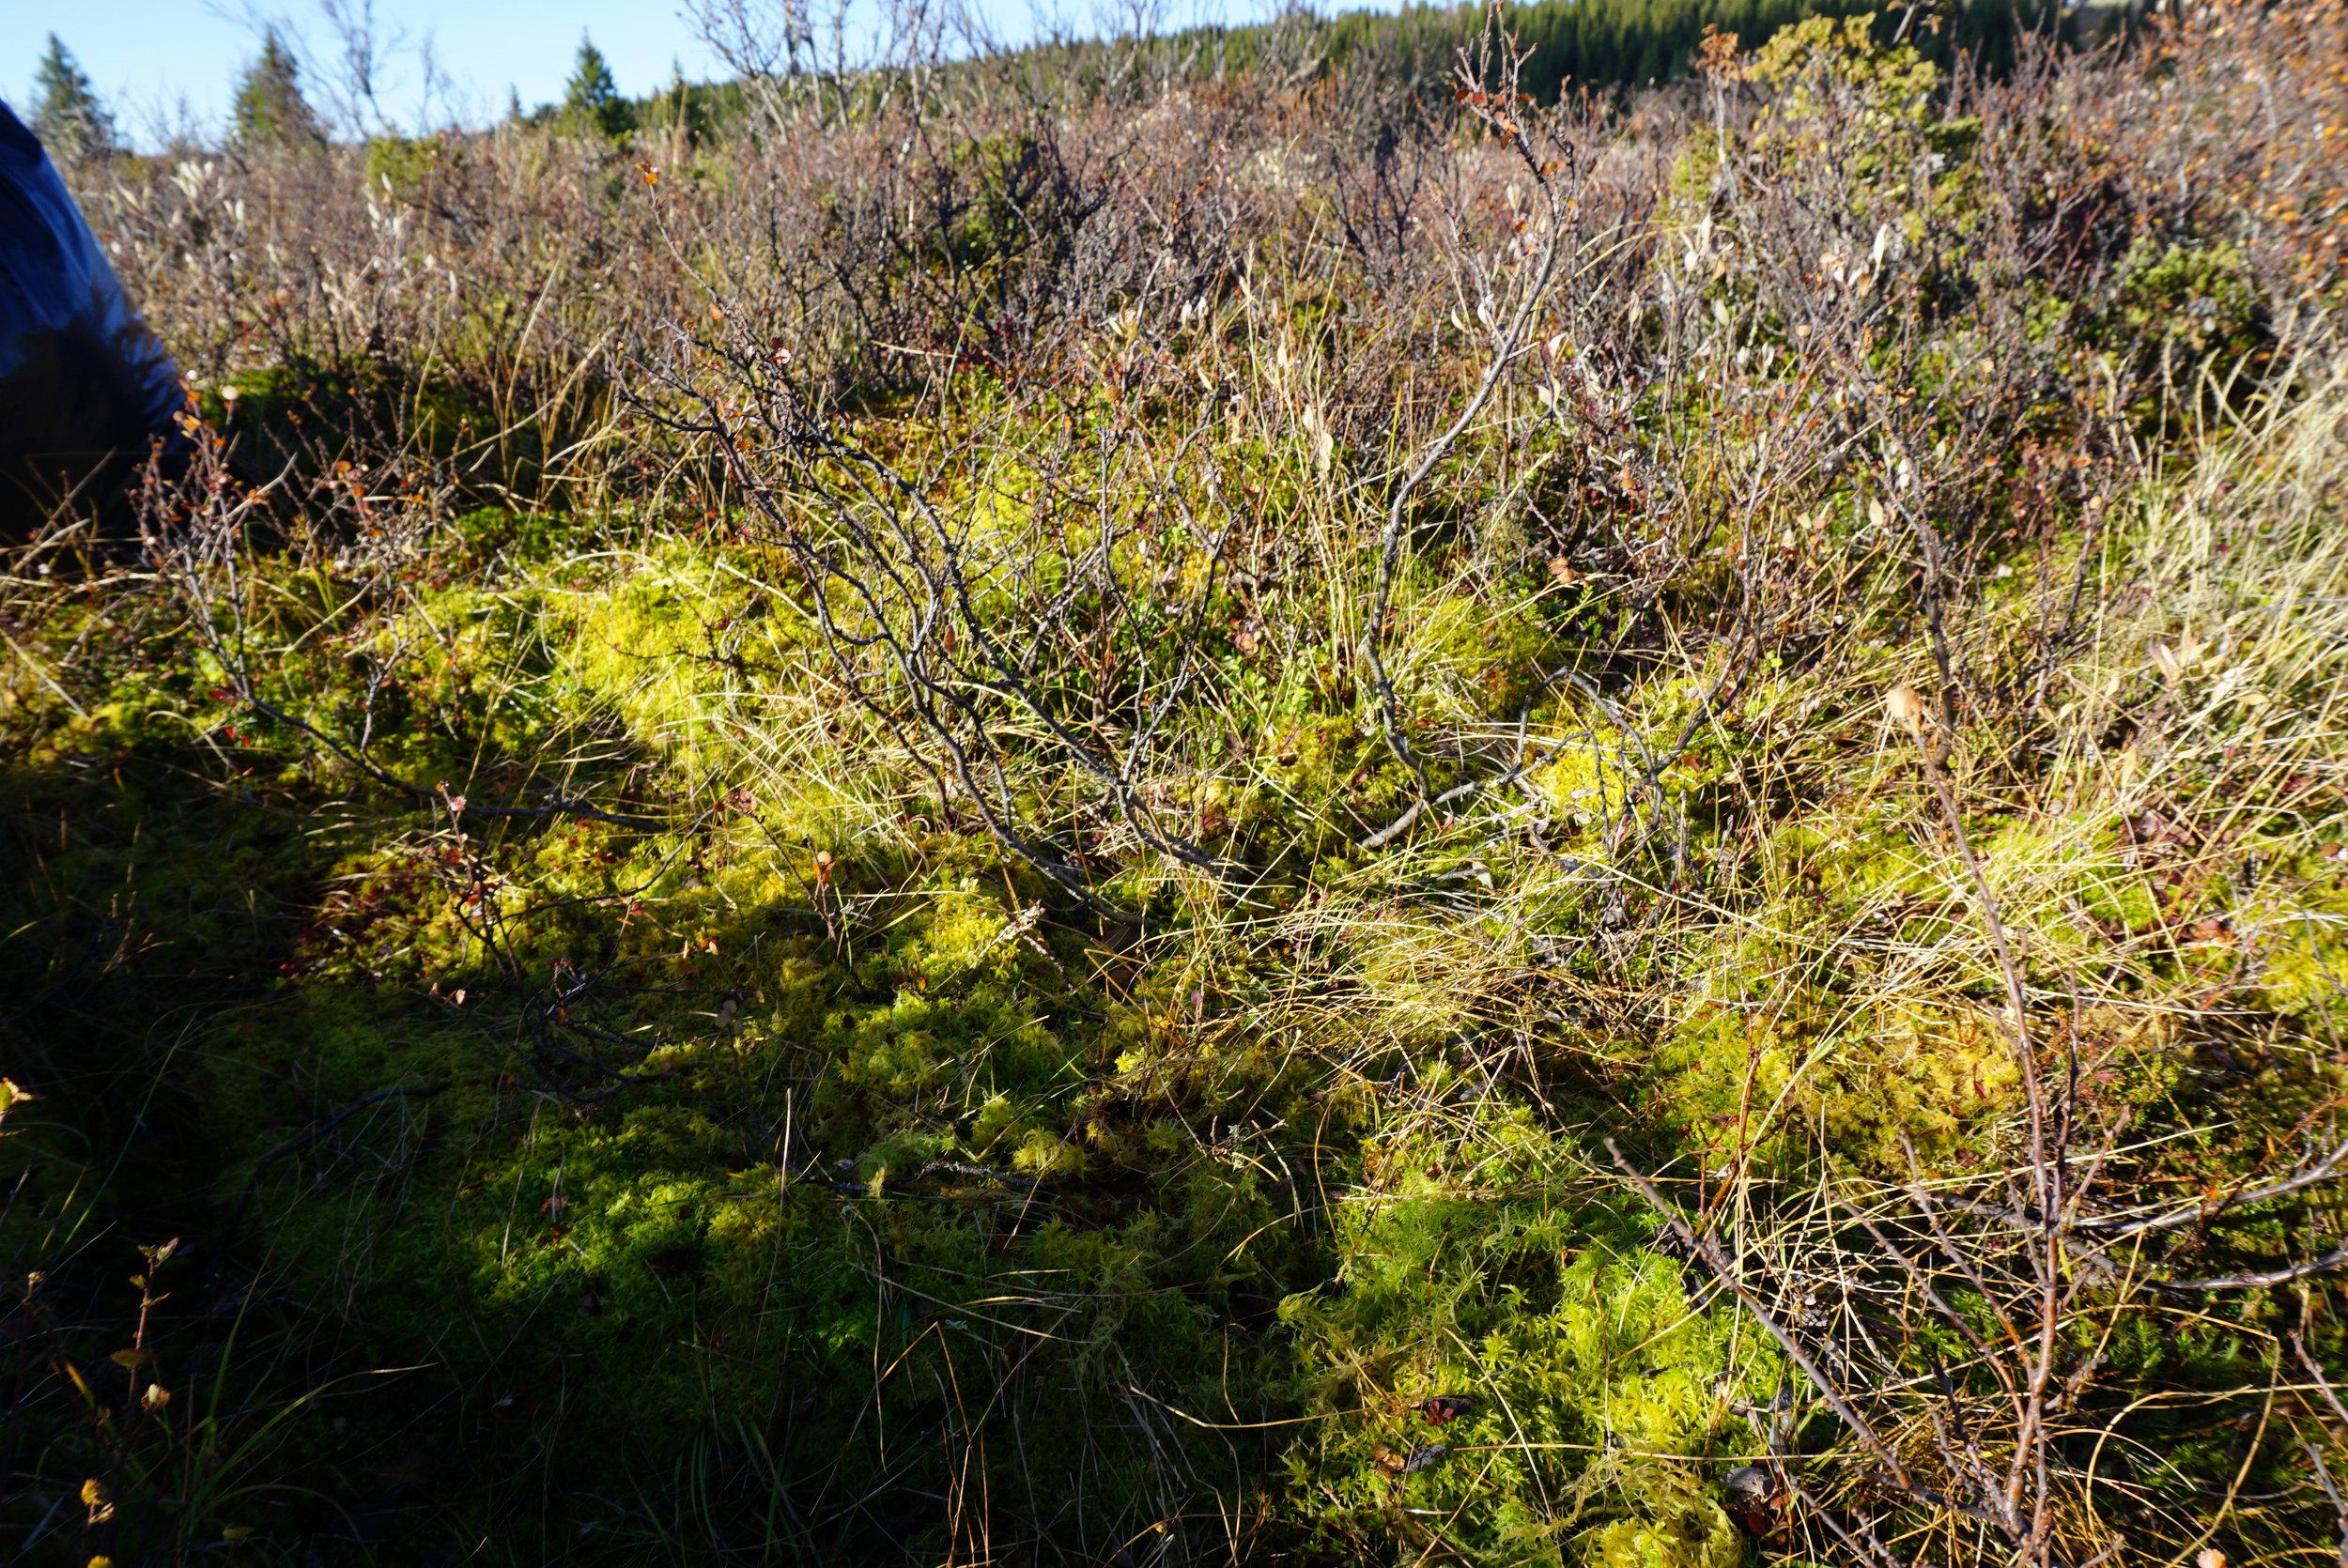 Hvitmosen vokser på de fuktigste myrområdene.